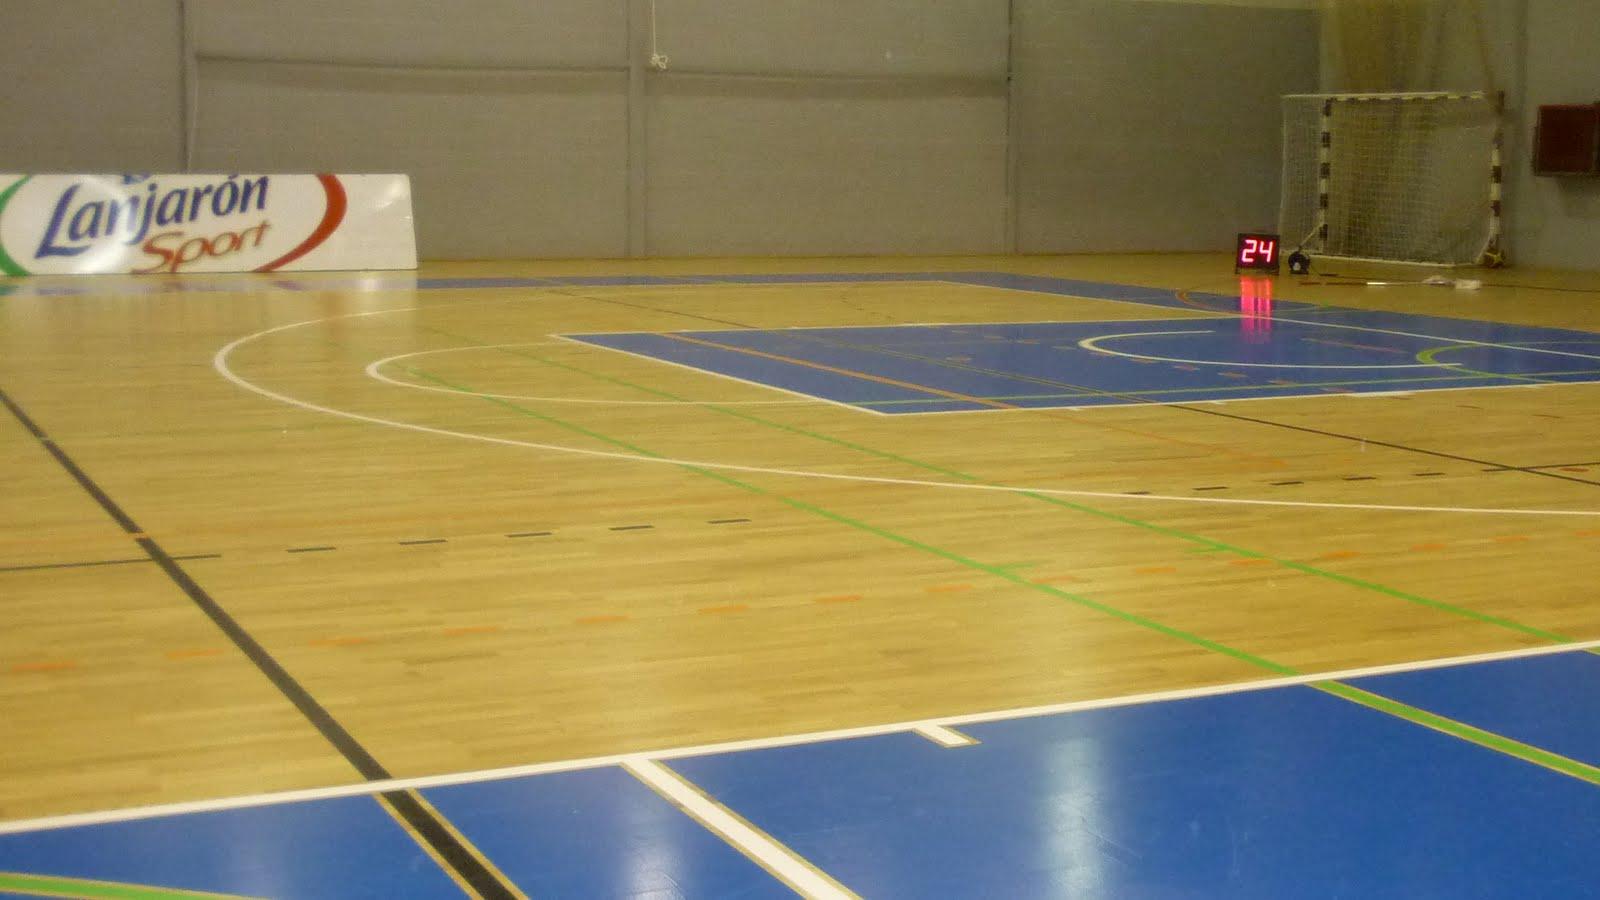 Basket azul n gozada de nuevo parquet - Como dejar el parquet como nuevo ...